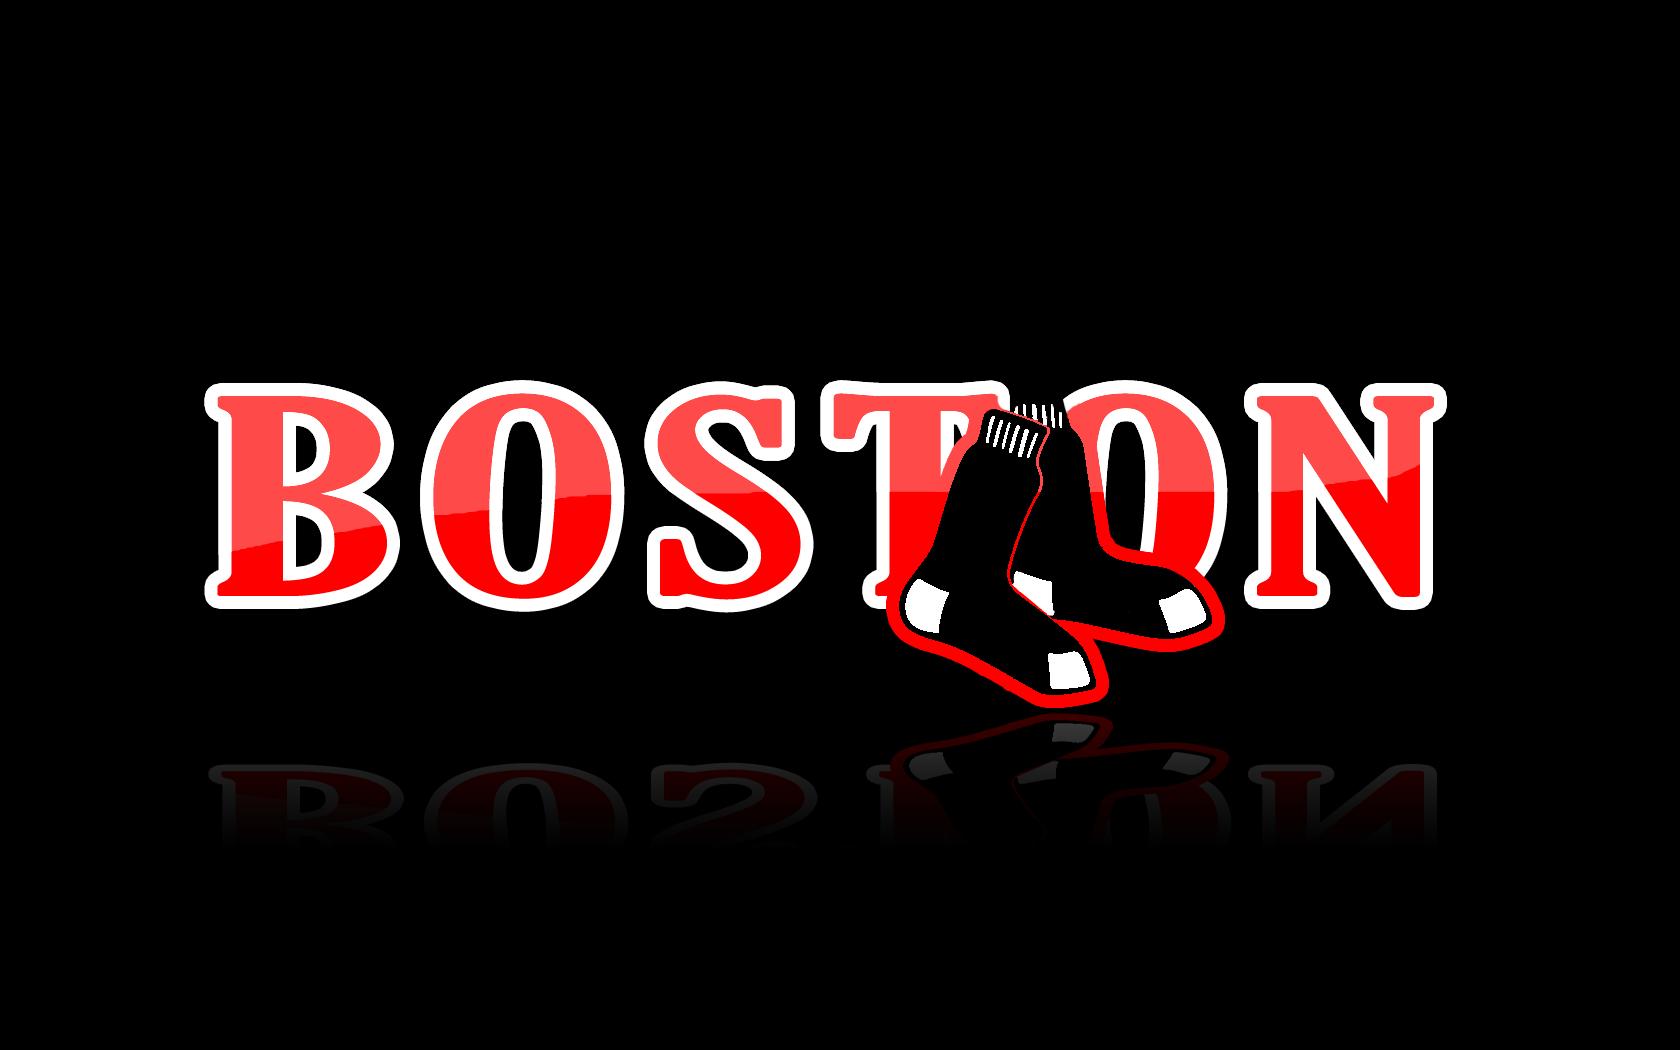 Boston Red Sox by AgentBorrelli 1680 x 1050 1680x1050